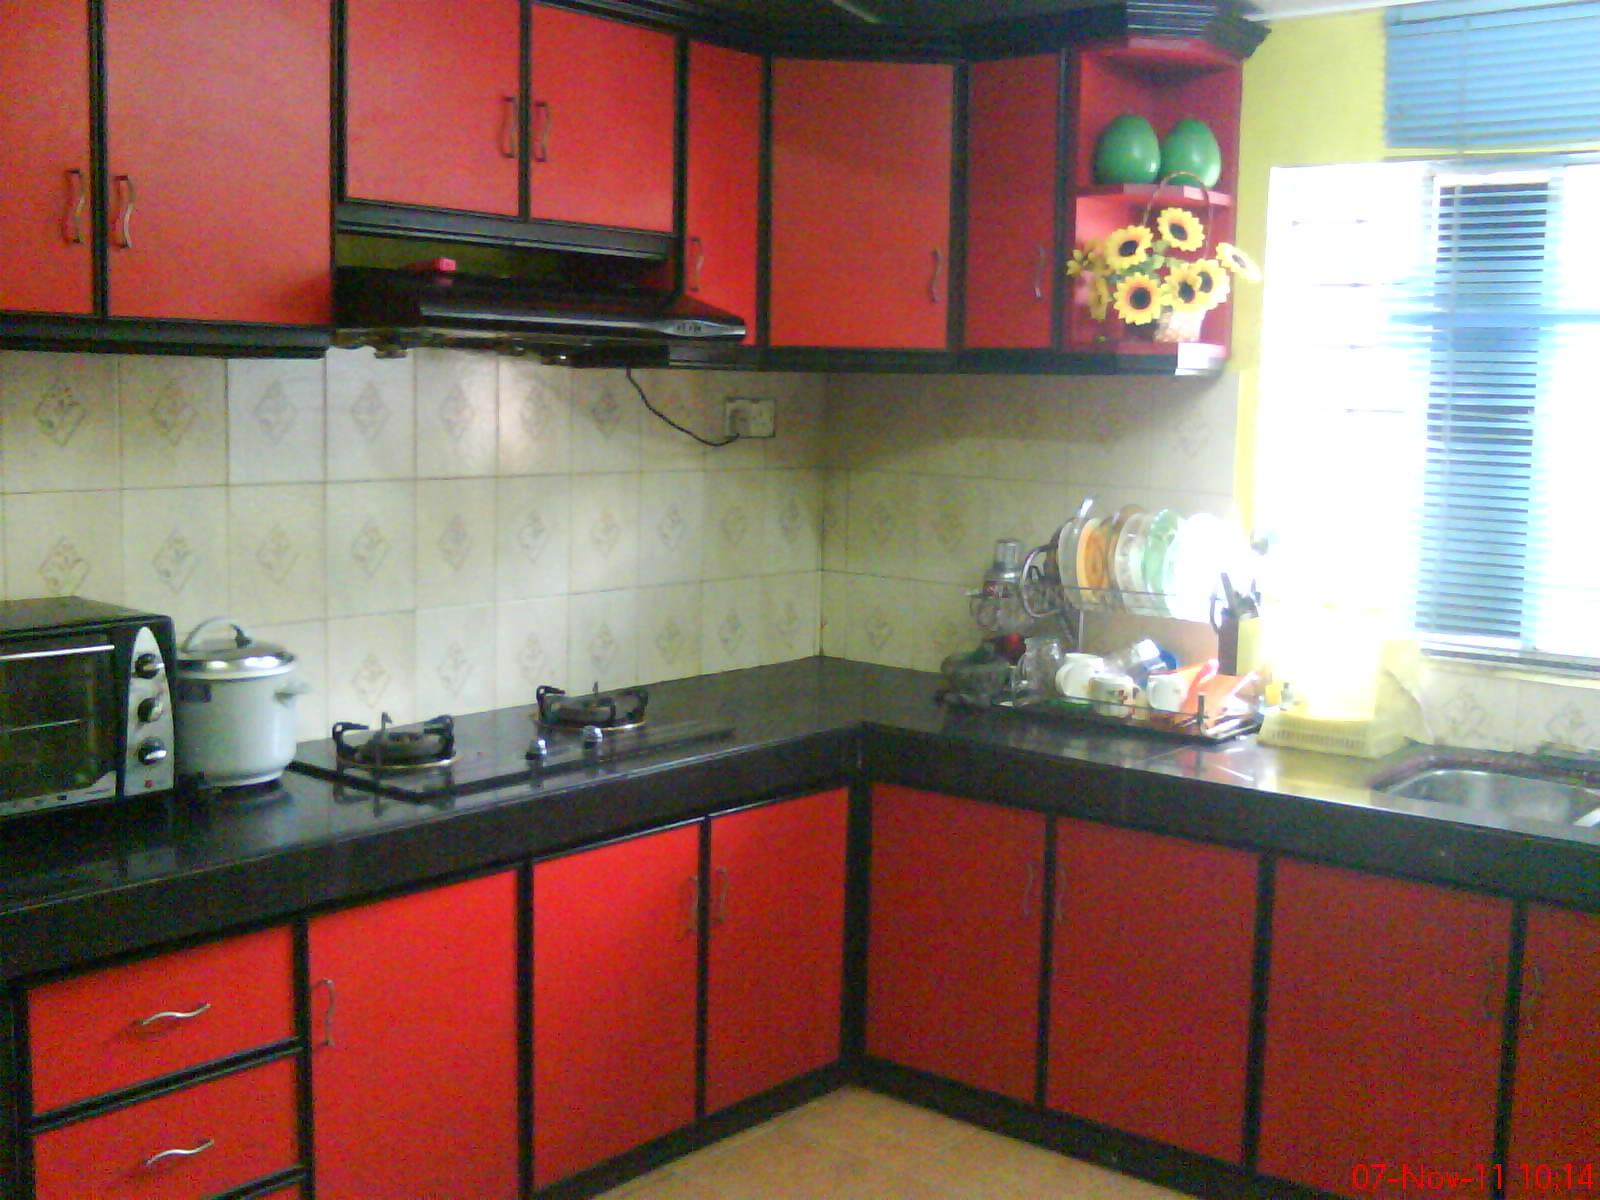 Kabinet Dapur Kecil Dan Simple Ask Home Design